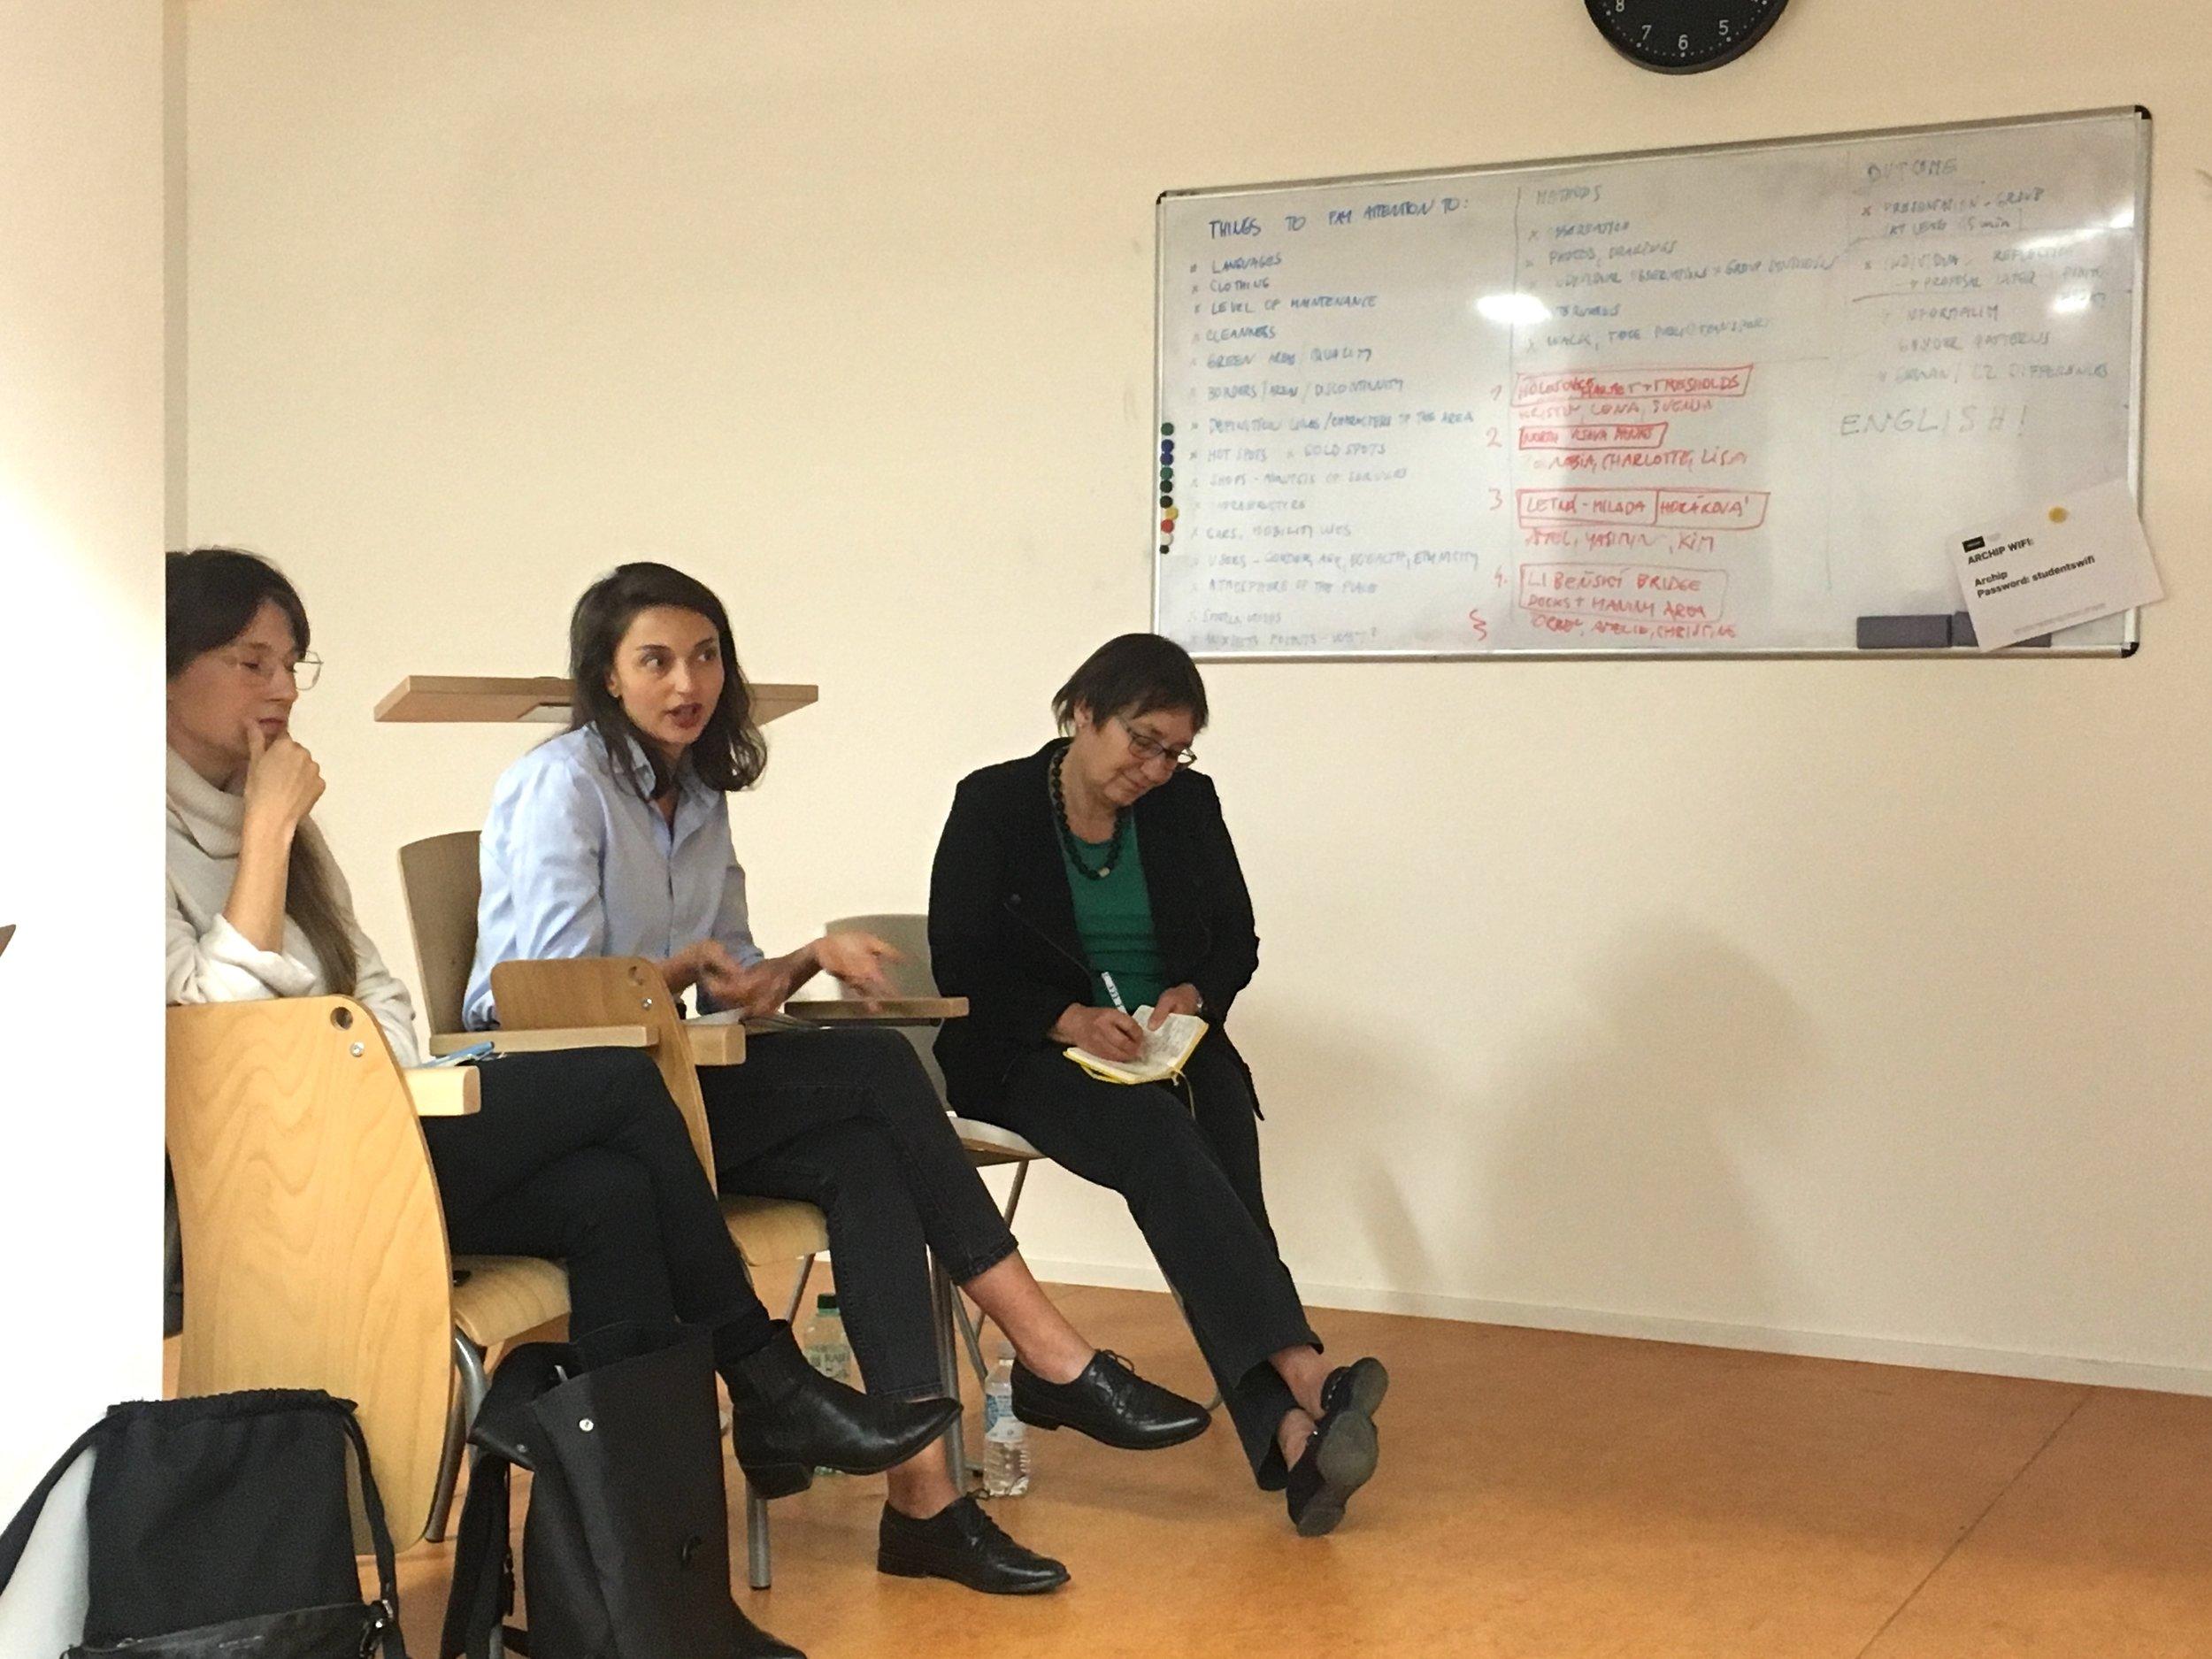 Hodnocení studenských prací v spolupráci s lokálními odbornicemi, antropologičkou. Alicou Brendzovou a architektkou Kateřinou Frejlachovou  foto (c) Milota Sidorová